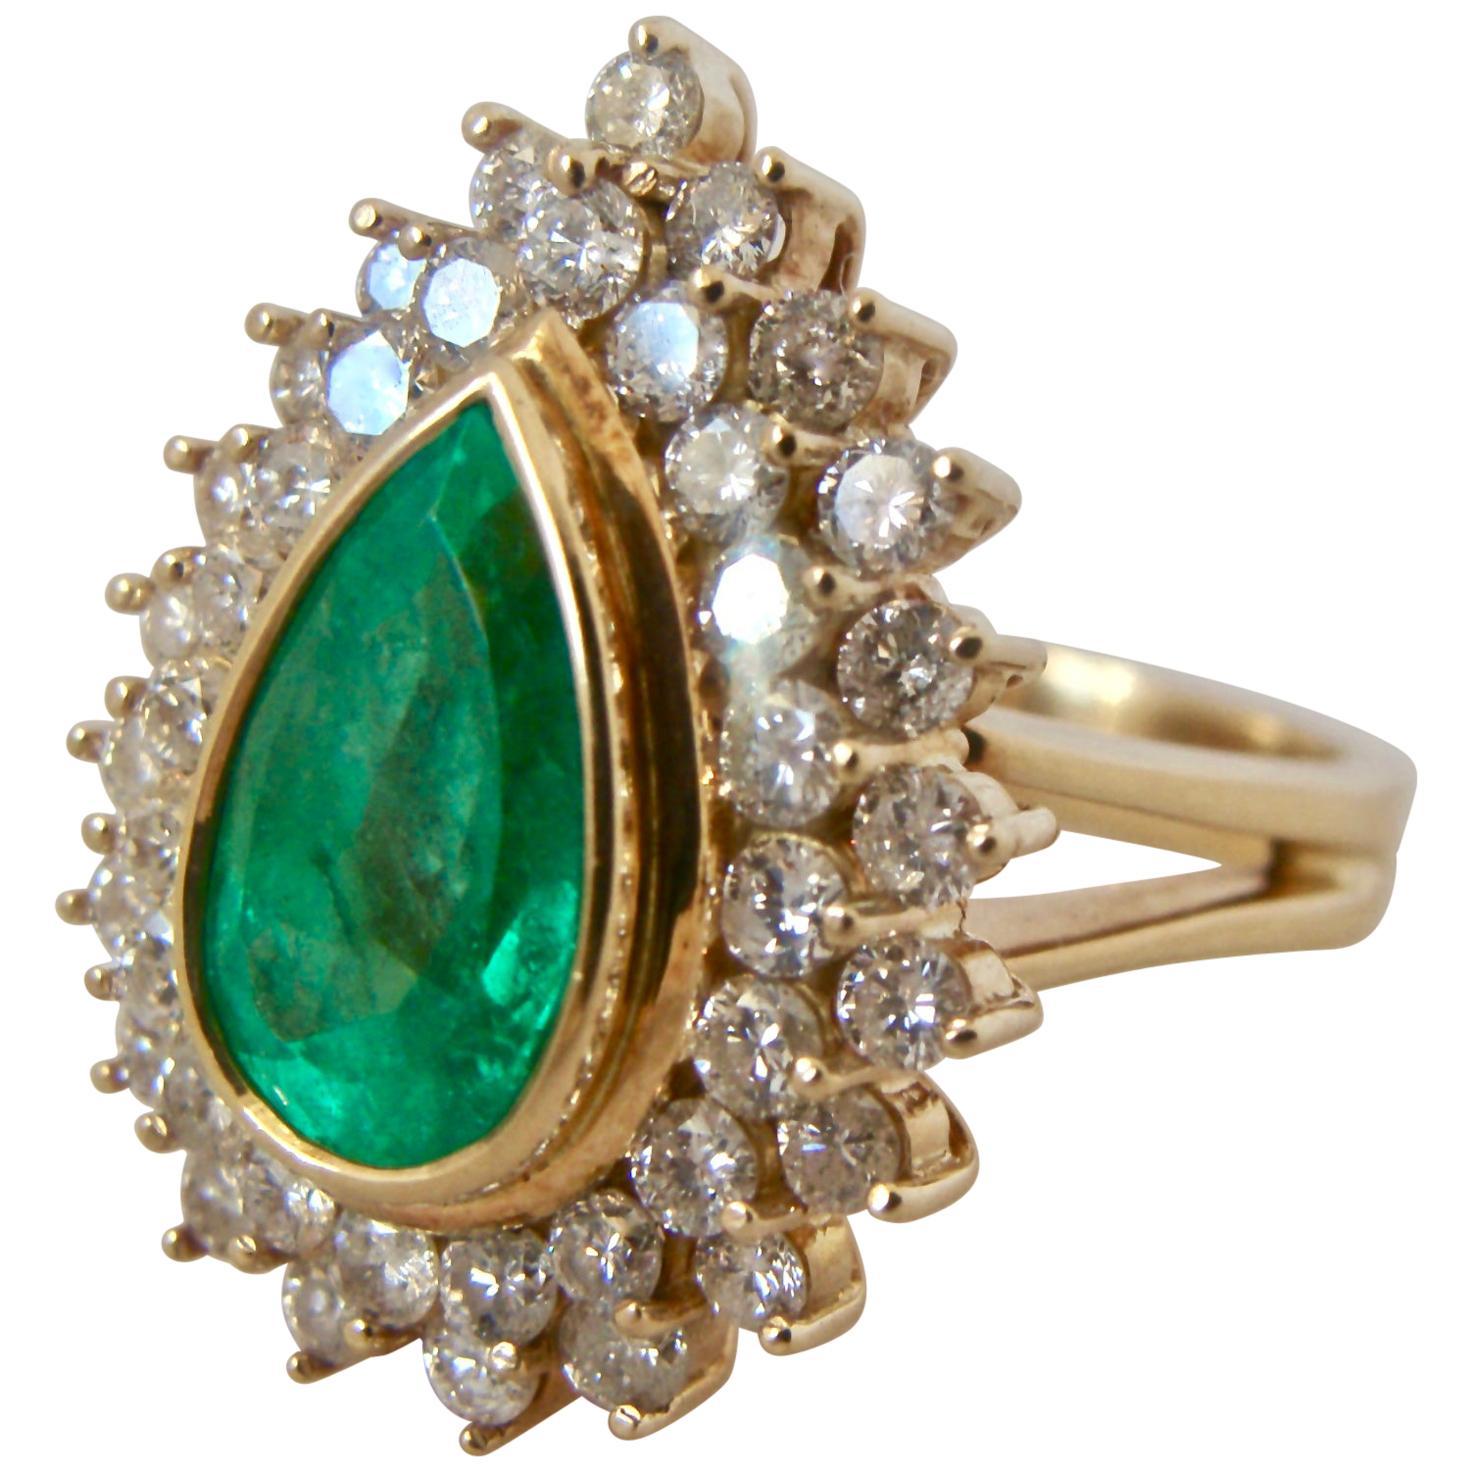 8.00 Carat Colombian Natural Emerald Diamonds Cocktail Ring 18 Karat Gold